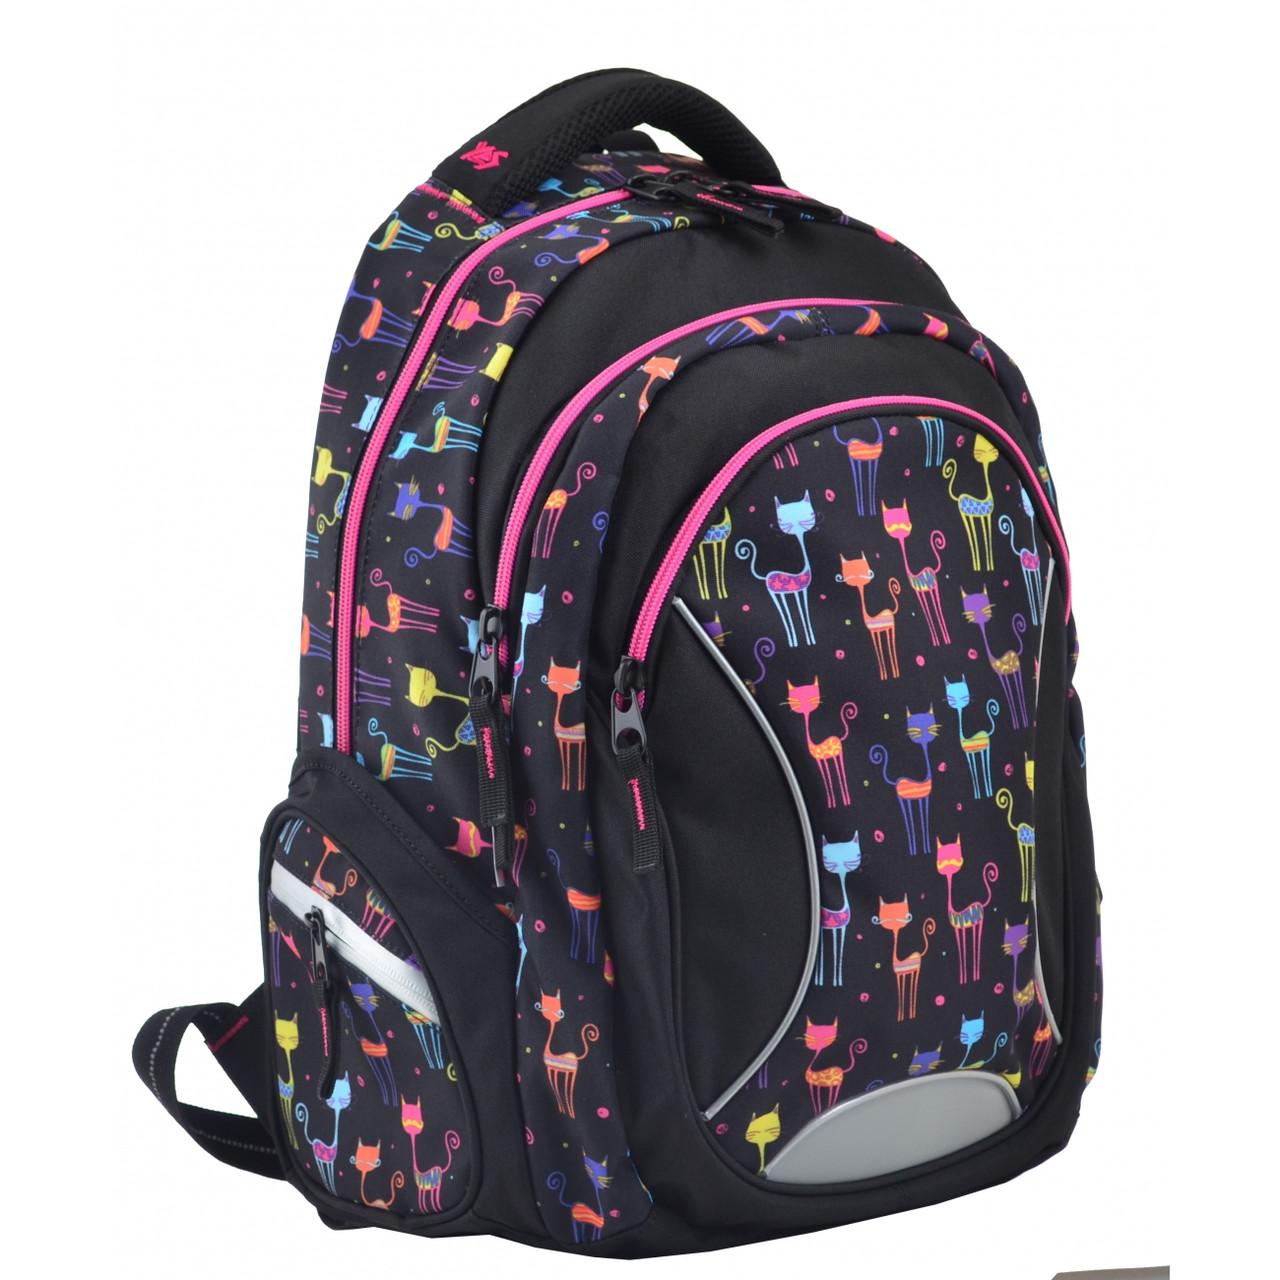 Рюкзак молодежный Т-46 Gibby, 44*30*14